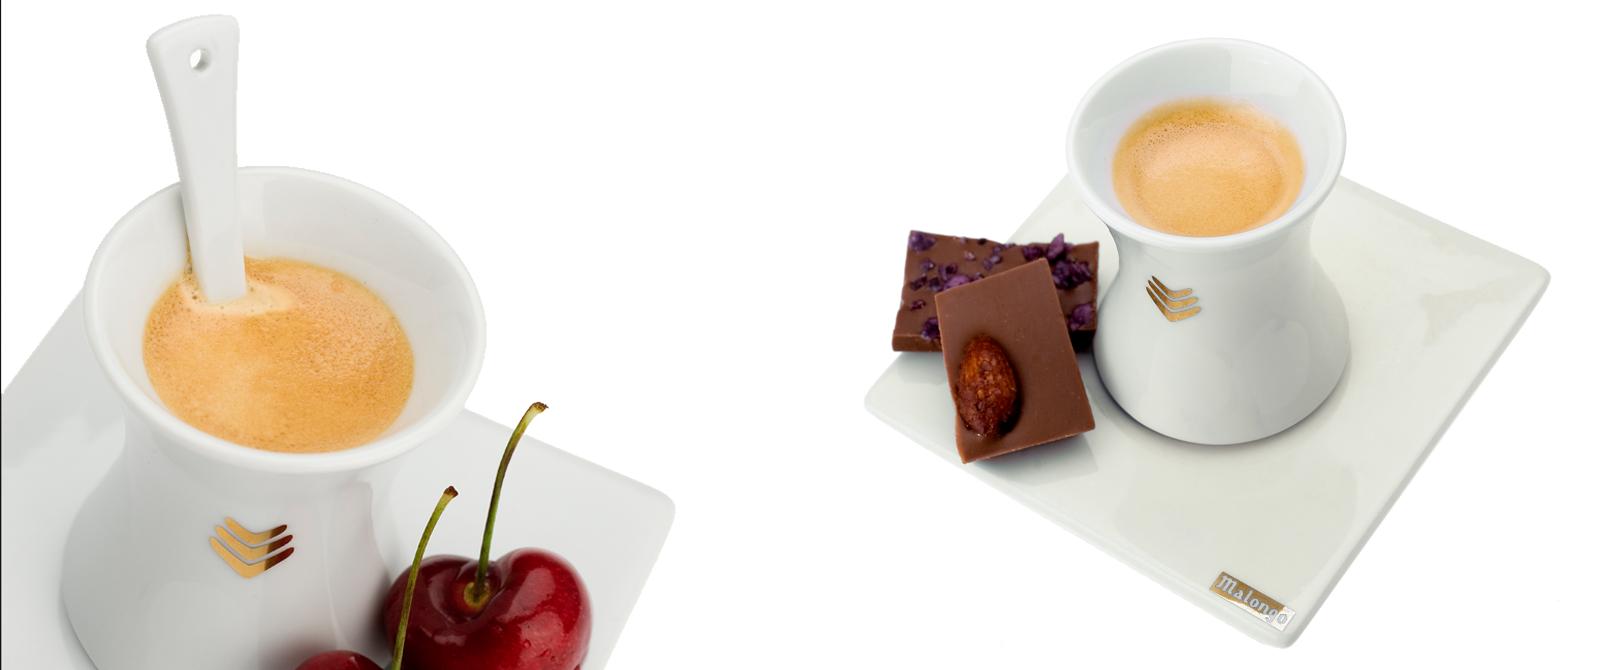 Malongo sopod didiercossondesign - Machine a cafe malongo ...